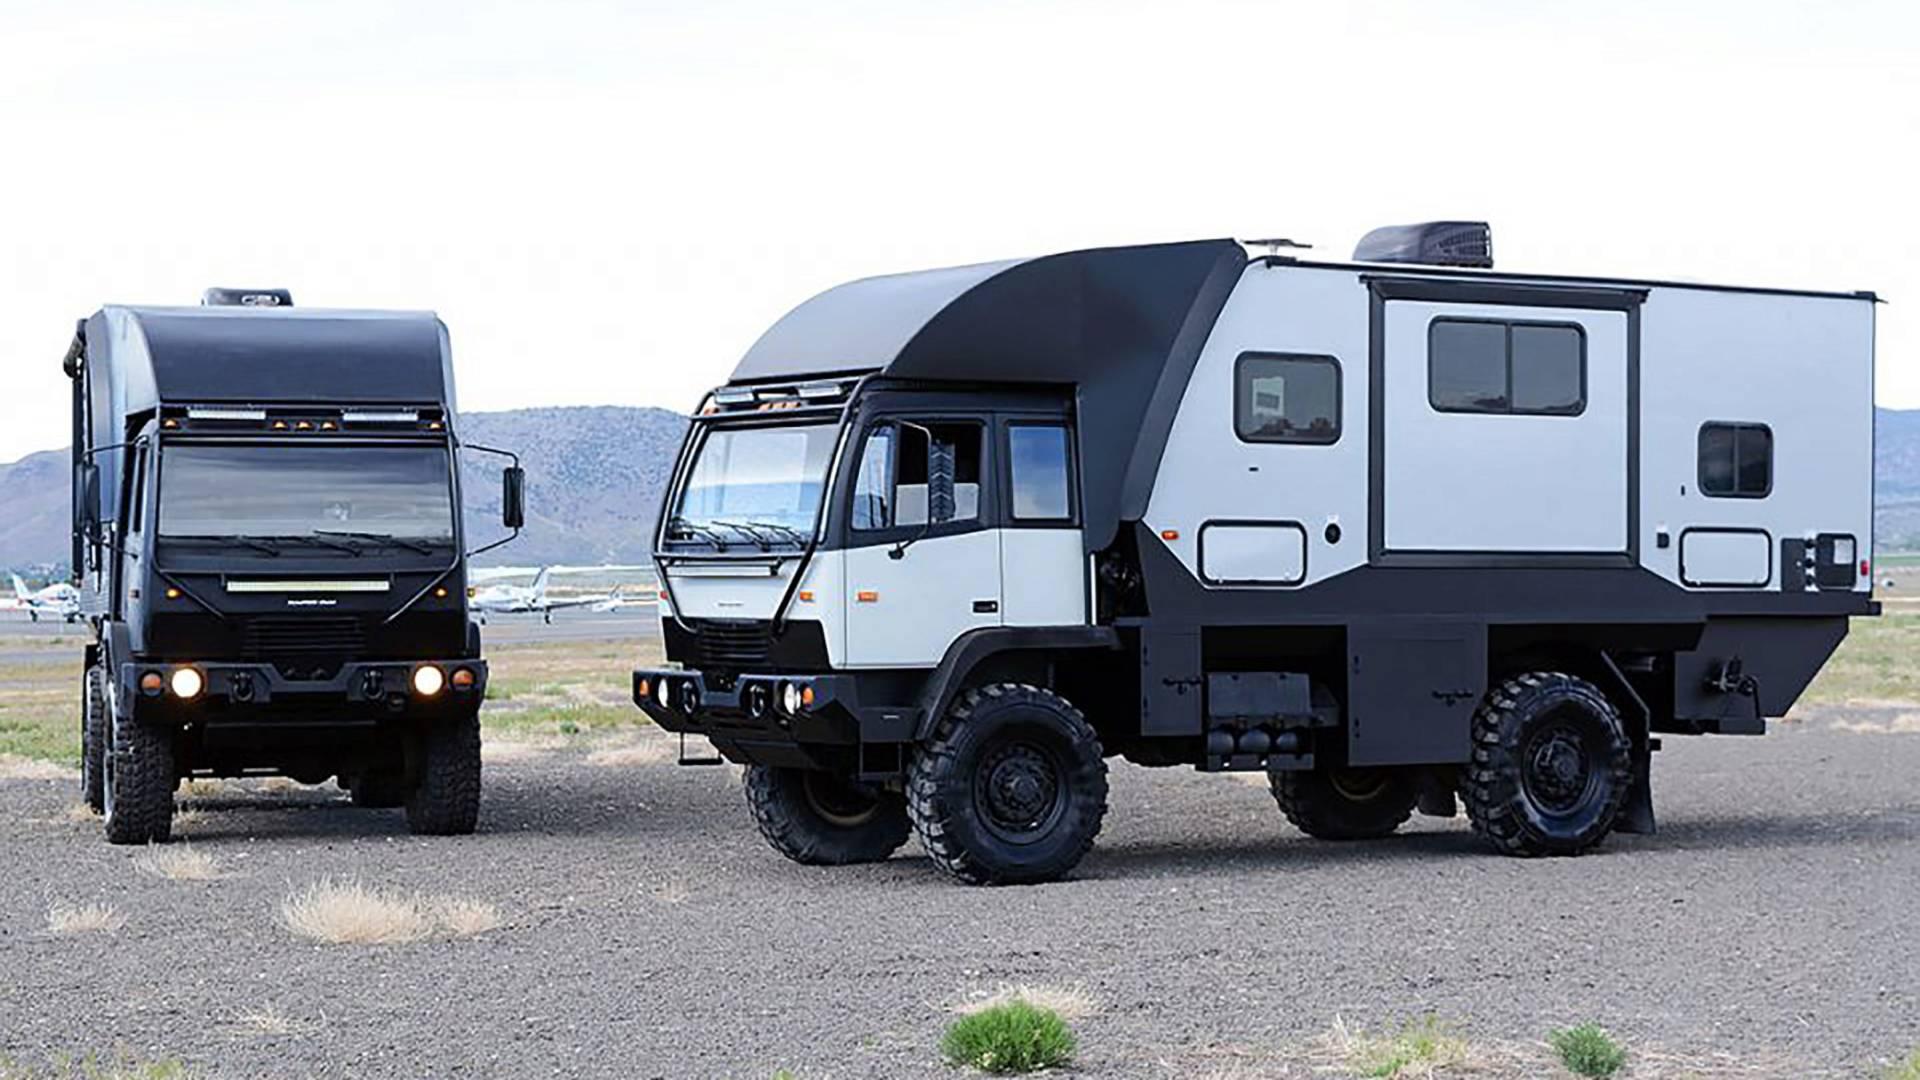 Внешне автомобиль легко перепутать с боевой пехотной машиной, предназначенной для бездорожья